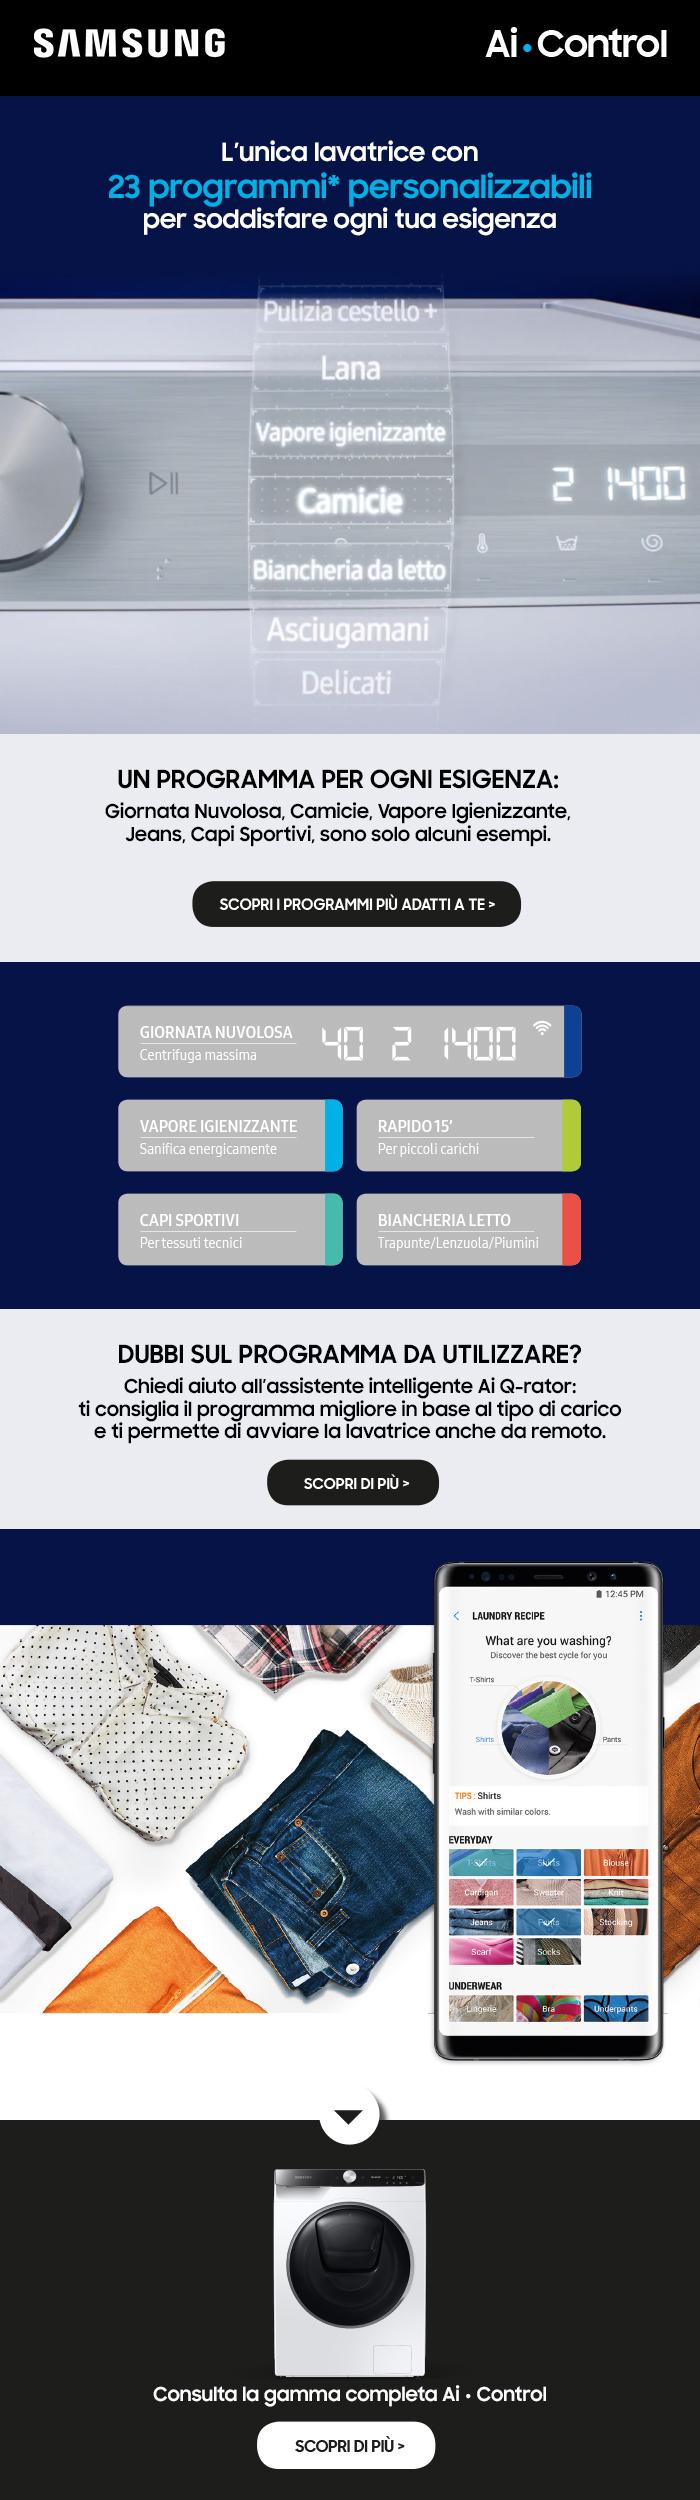 Promozione Grandi Elettrodomestici: Samsung AI Control